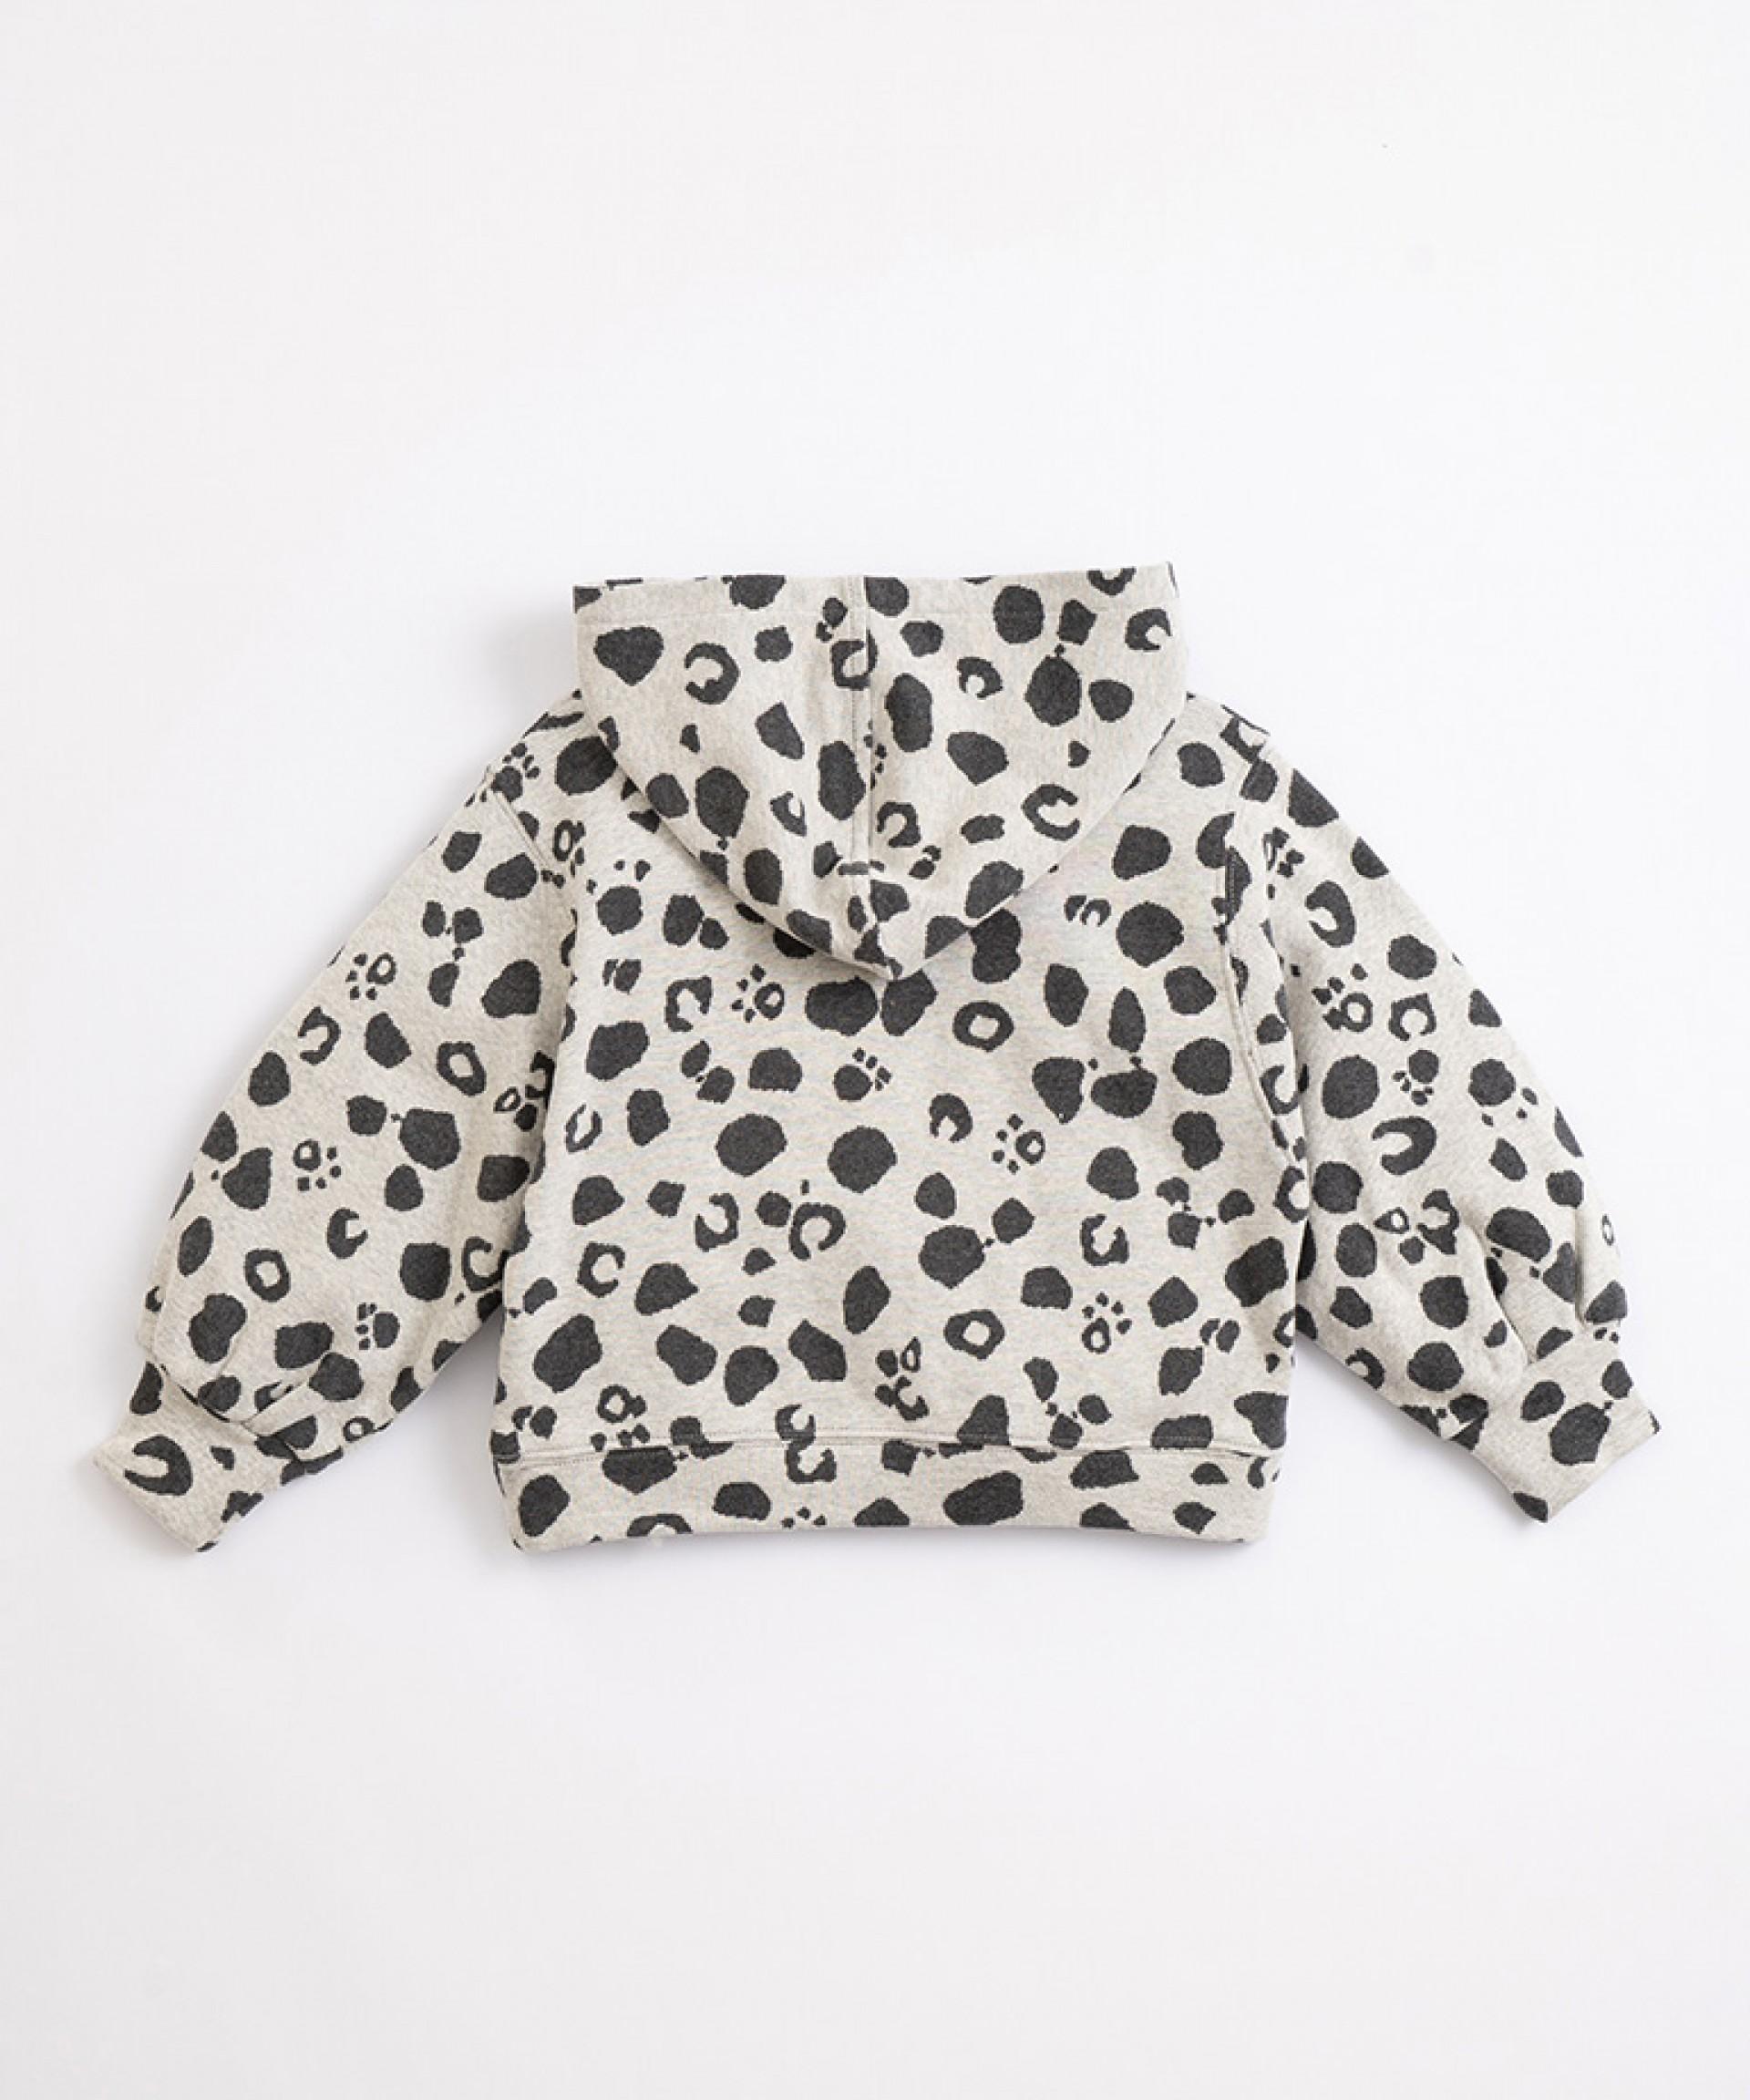 Jersey de algodón con capucha | Illustration